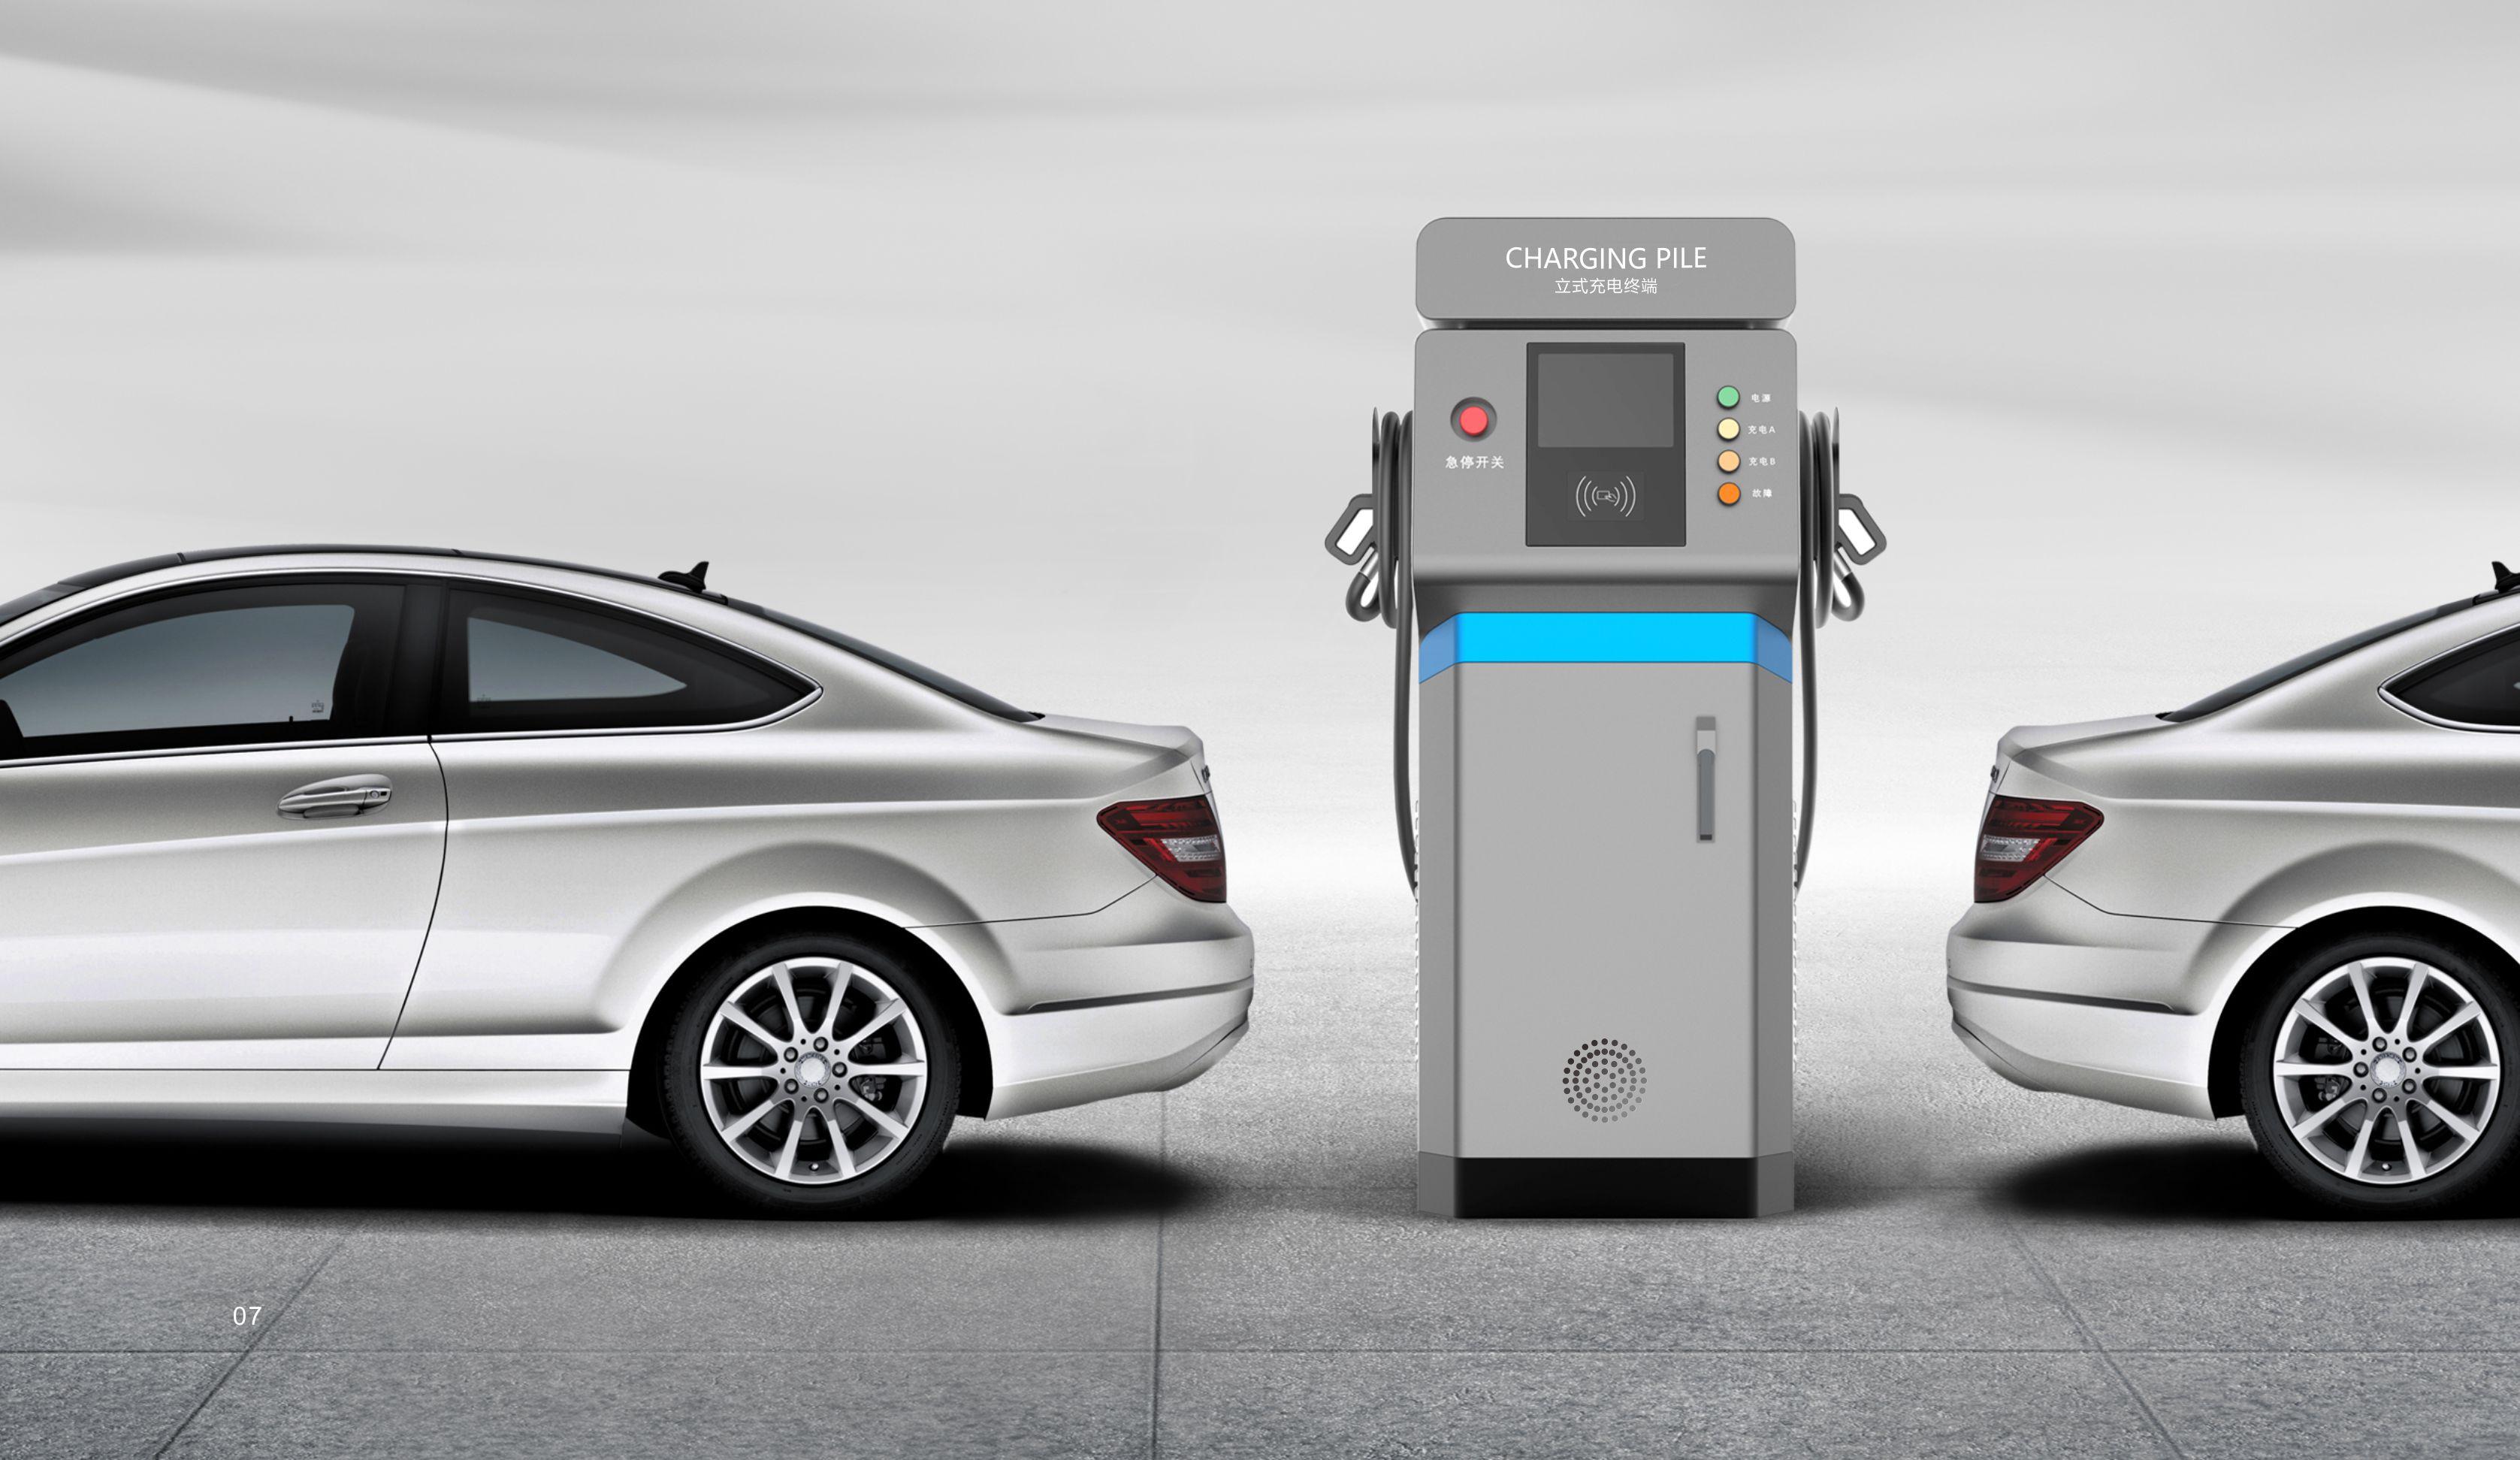 2019年德国慕尼黑欧洲新能源汽车工业技术博览会